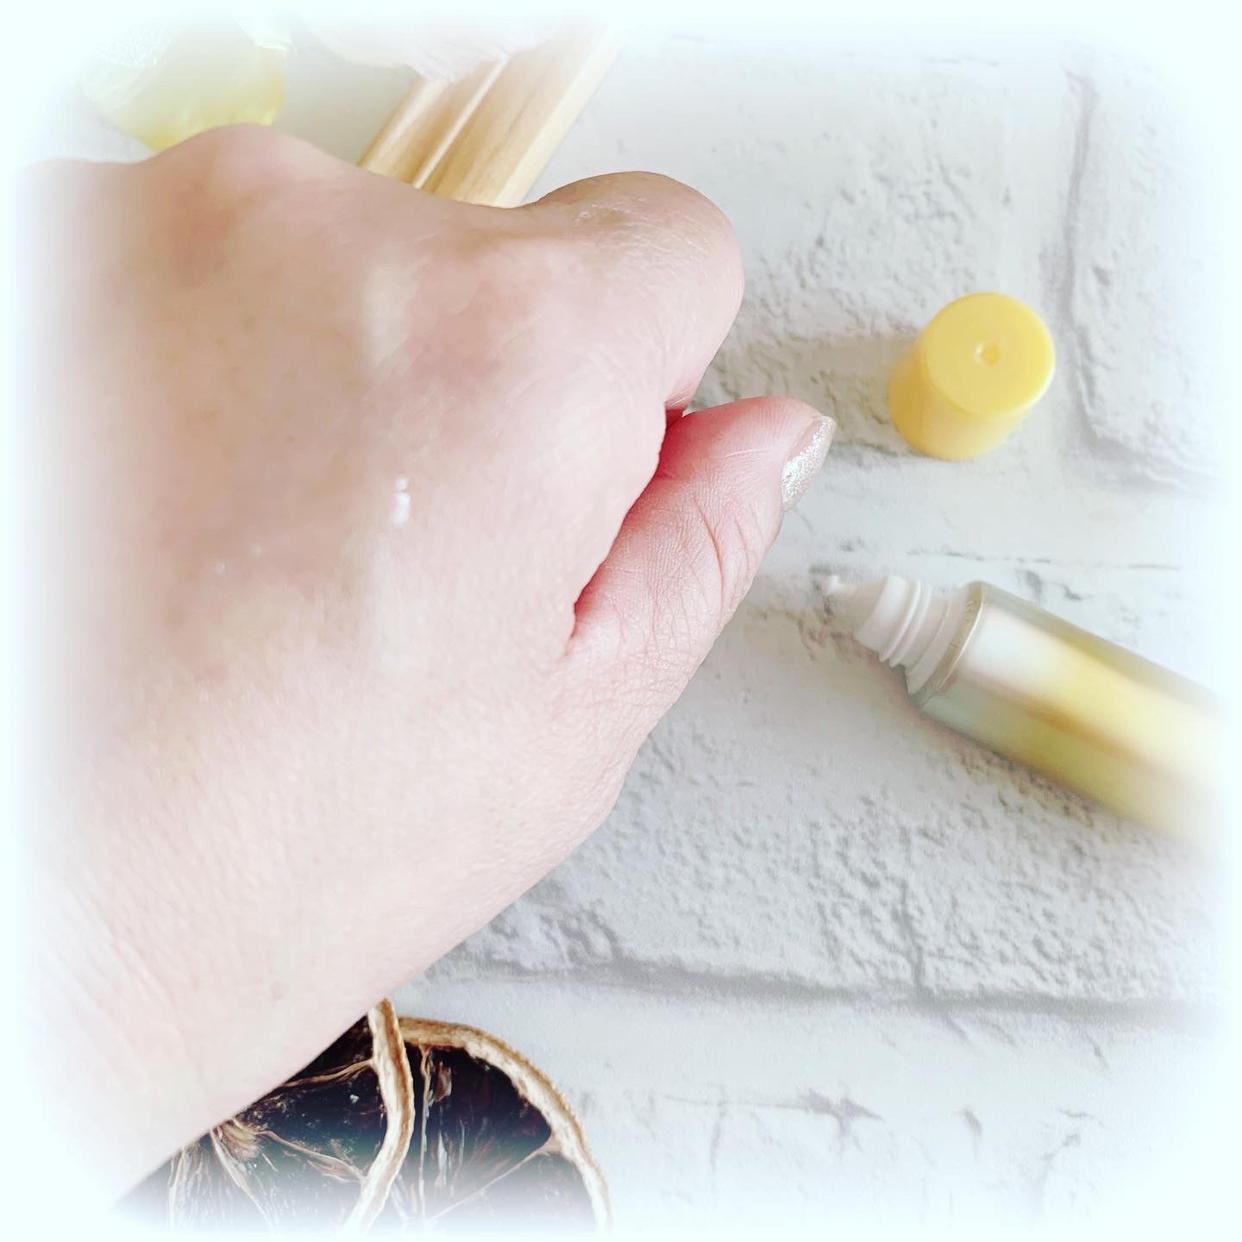 メラノCC 薬用 しみ 集中対策 美容液を使ったsnowmiさんのクチコミ画像3